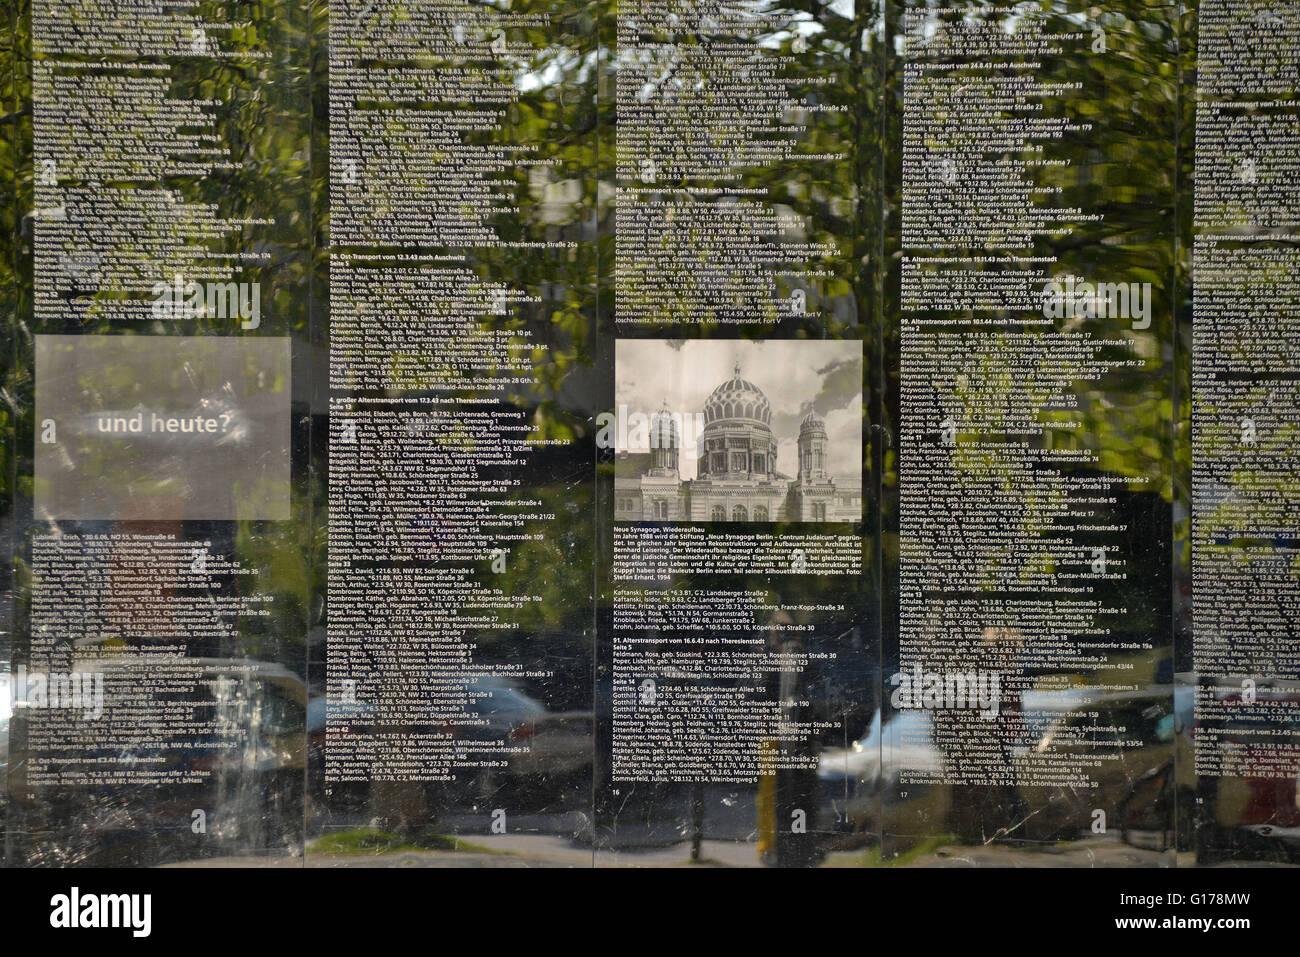 Spiegelwand, Holocaust-Gedenken, Hermann-Ehlers-Platz, Steglitz, Berlin, Deutschland / Holocaust-Gedenkstaette - Stock Image